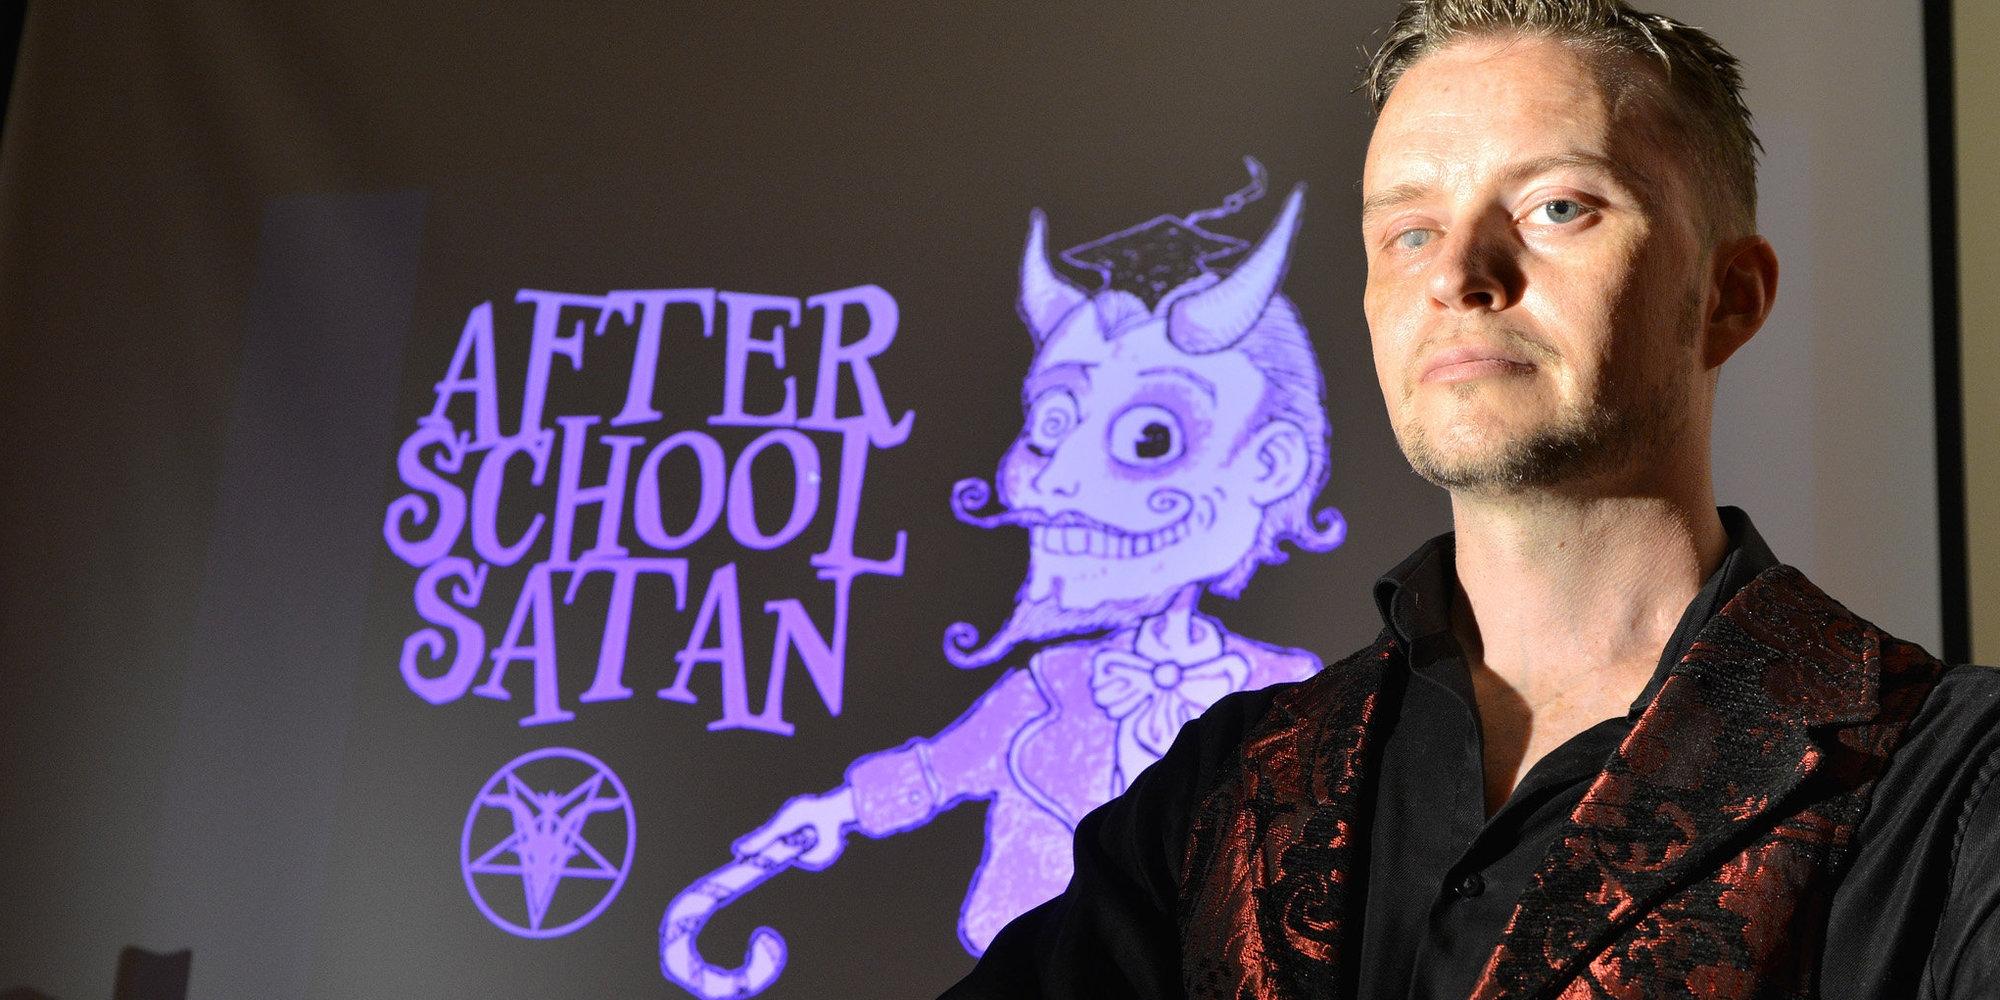 Satanistas dos EUA querem implantar 'clubes de estudo' para crianças antes do natal